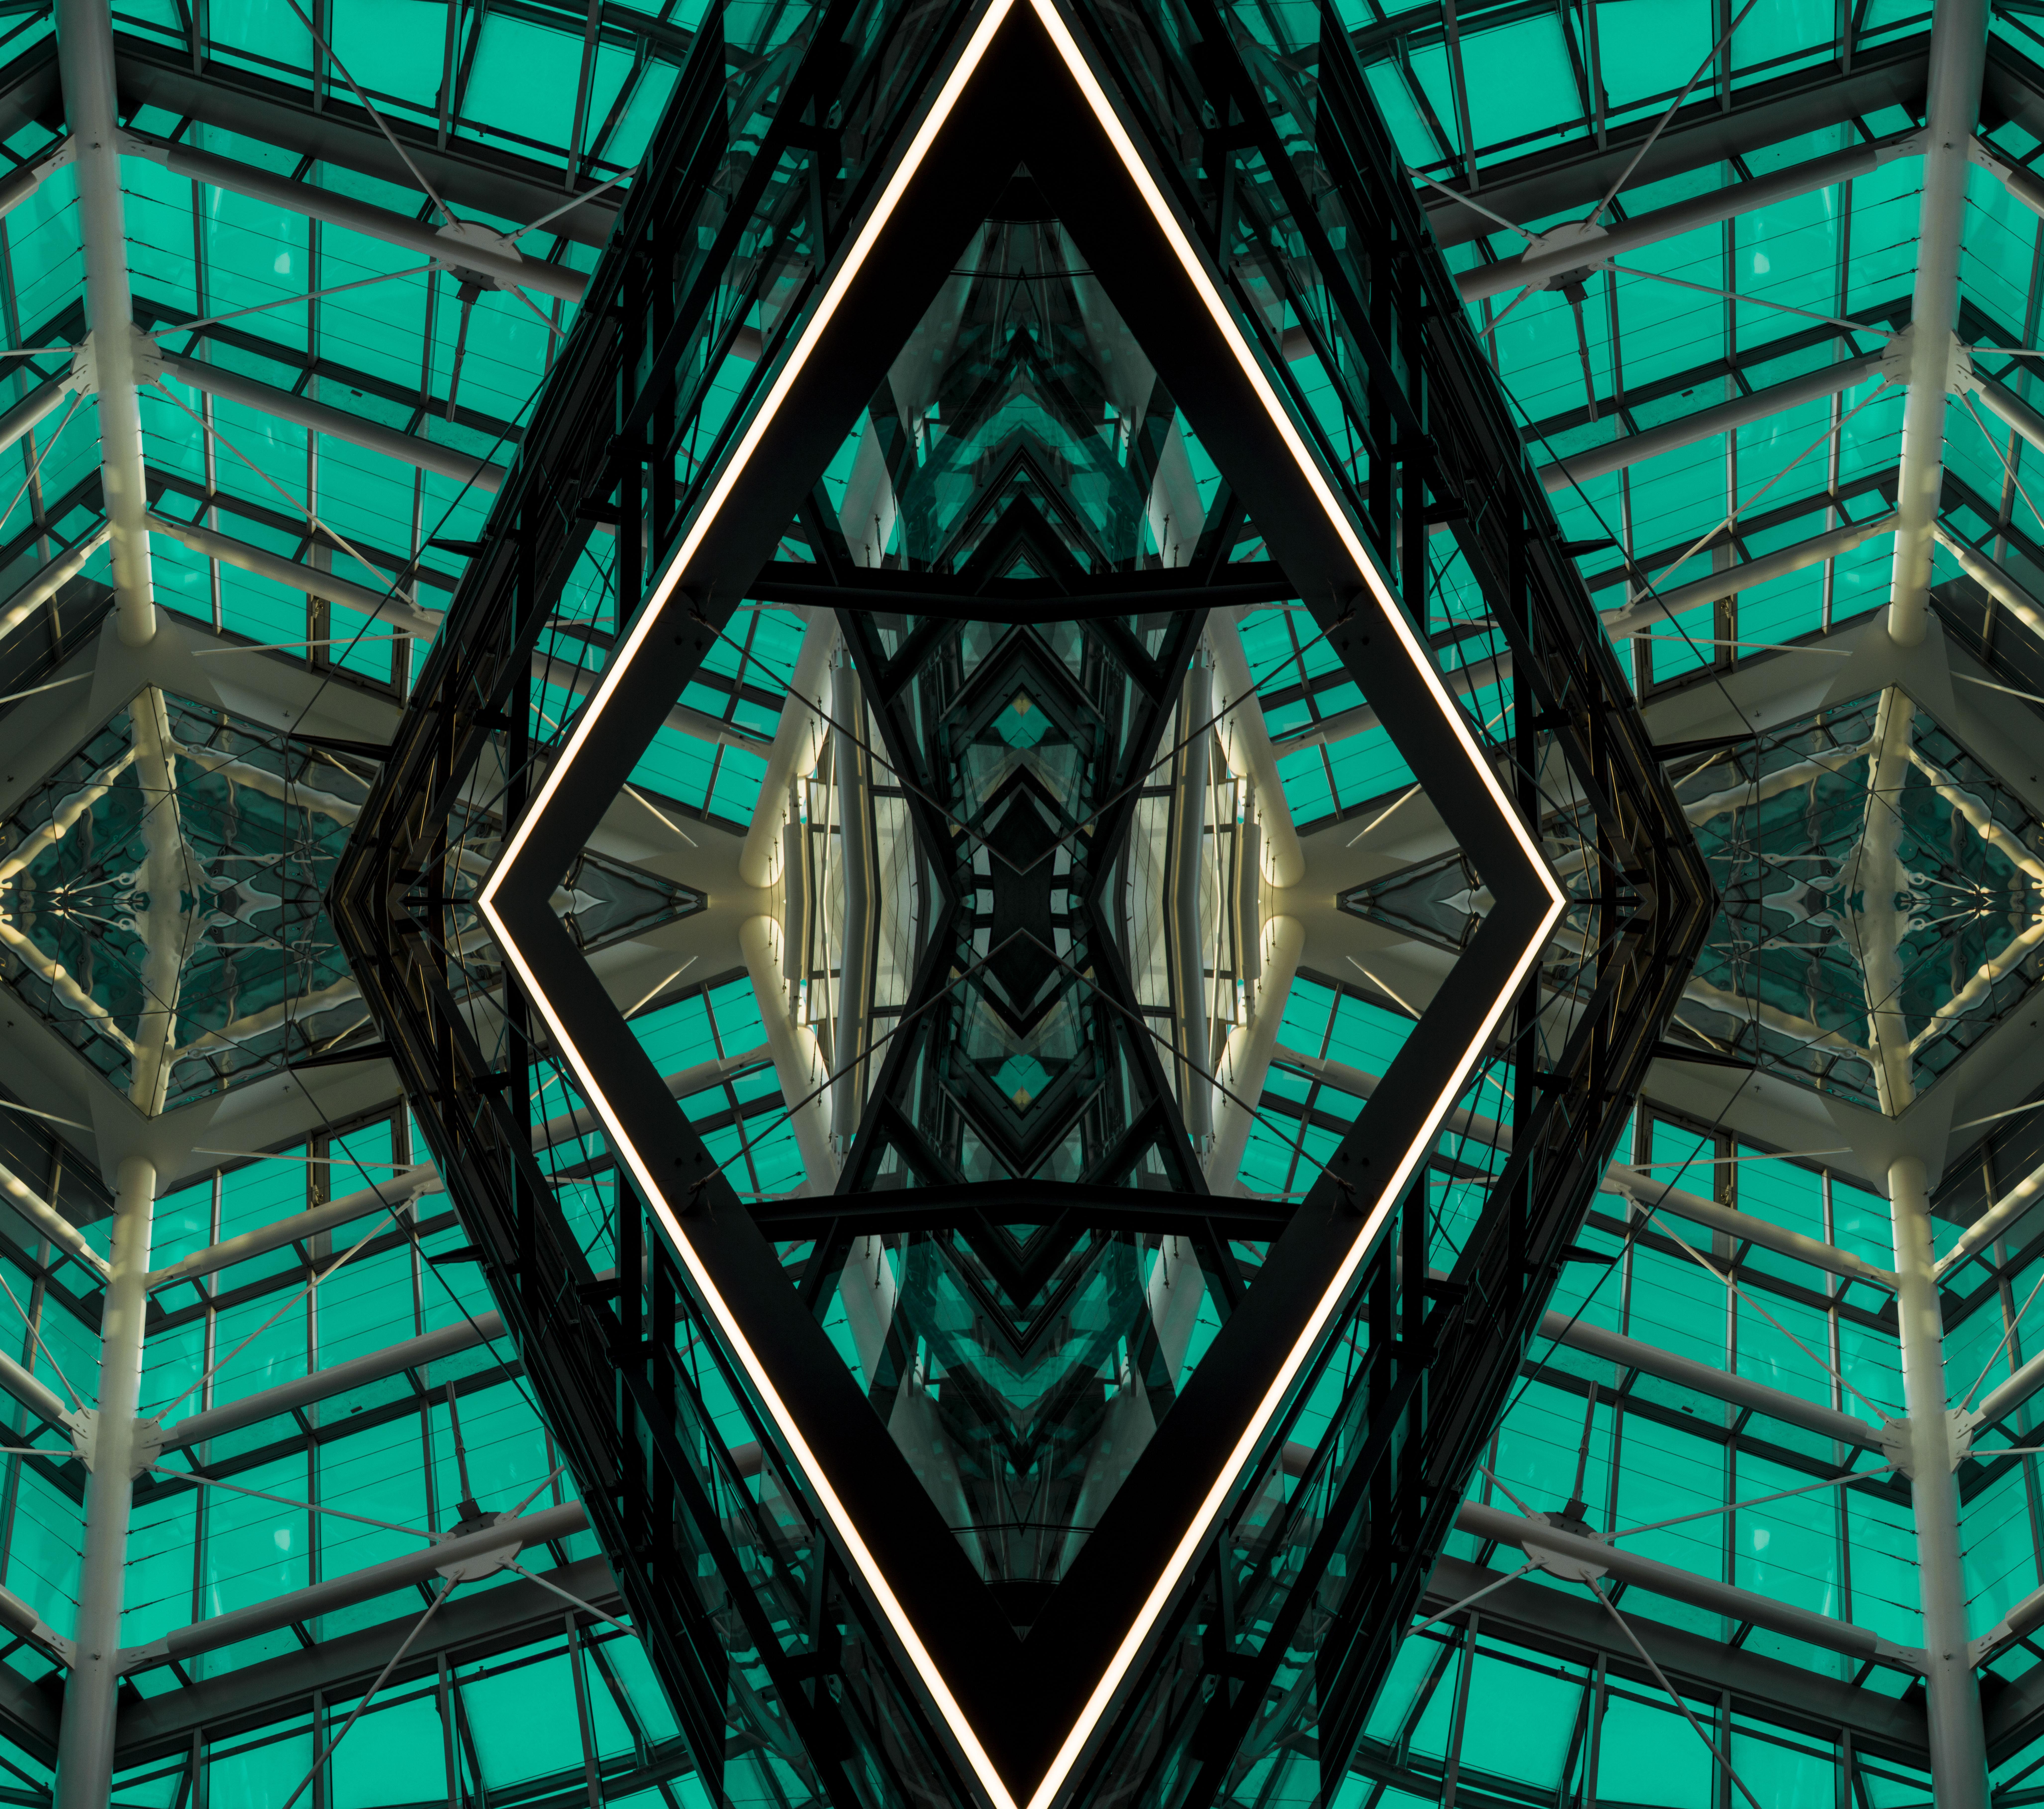 139217 télécharger le fond d'écran Divers, Conception, Construction, Symétrie, Géométrie, En Miroir, Miroir, L'architecture - économiseurs d'écran et images gratuitement